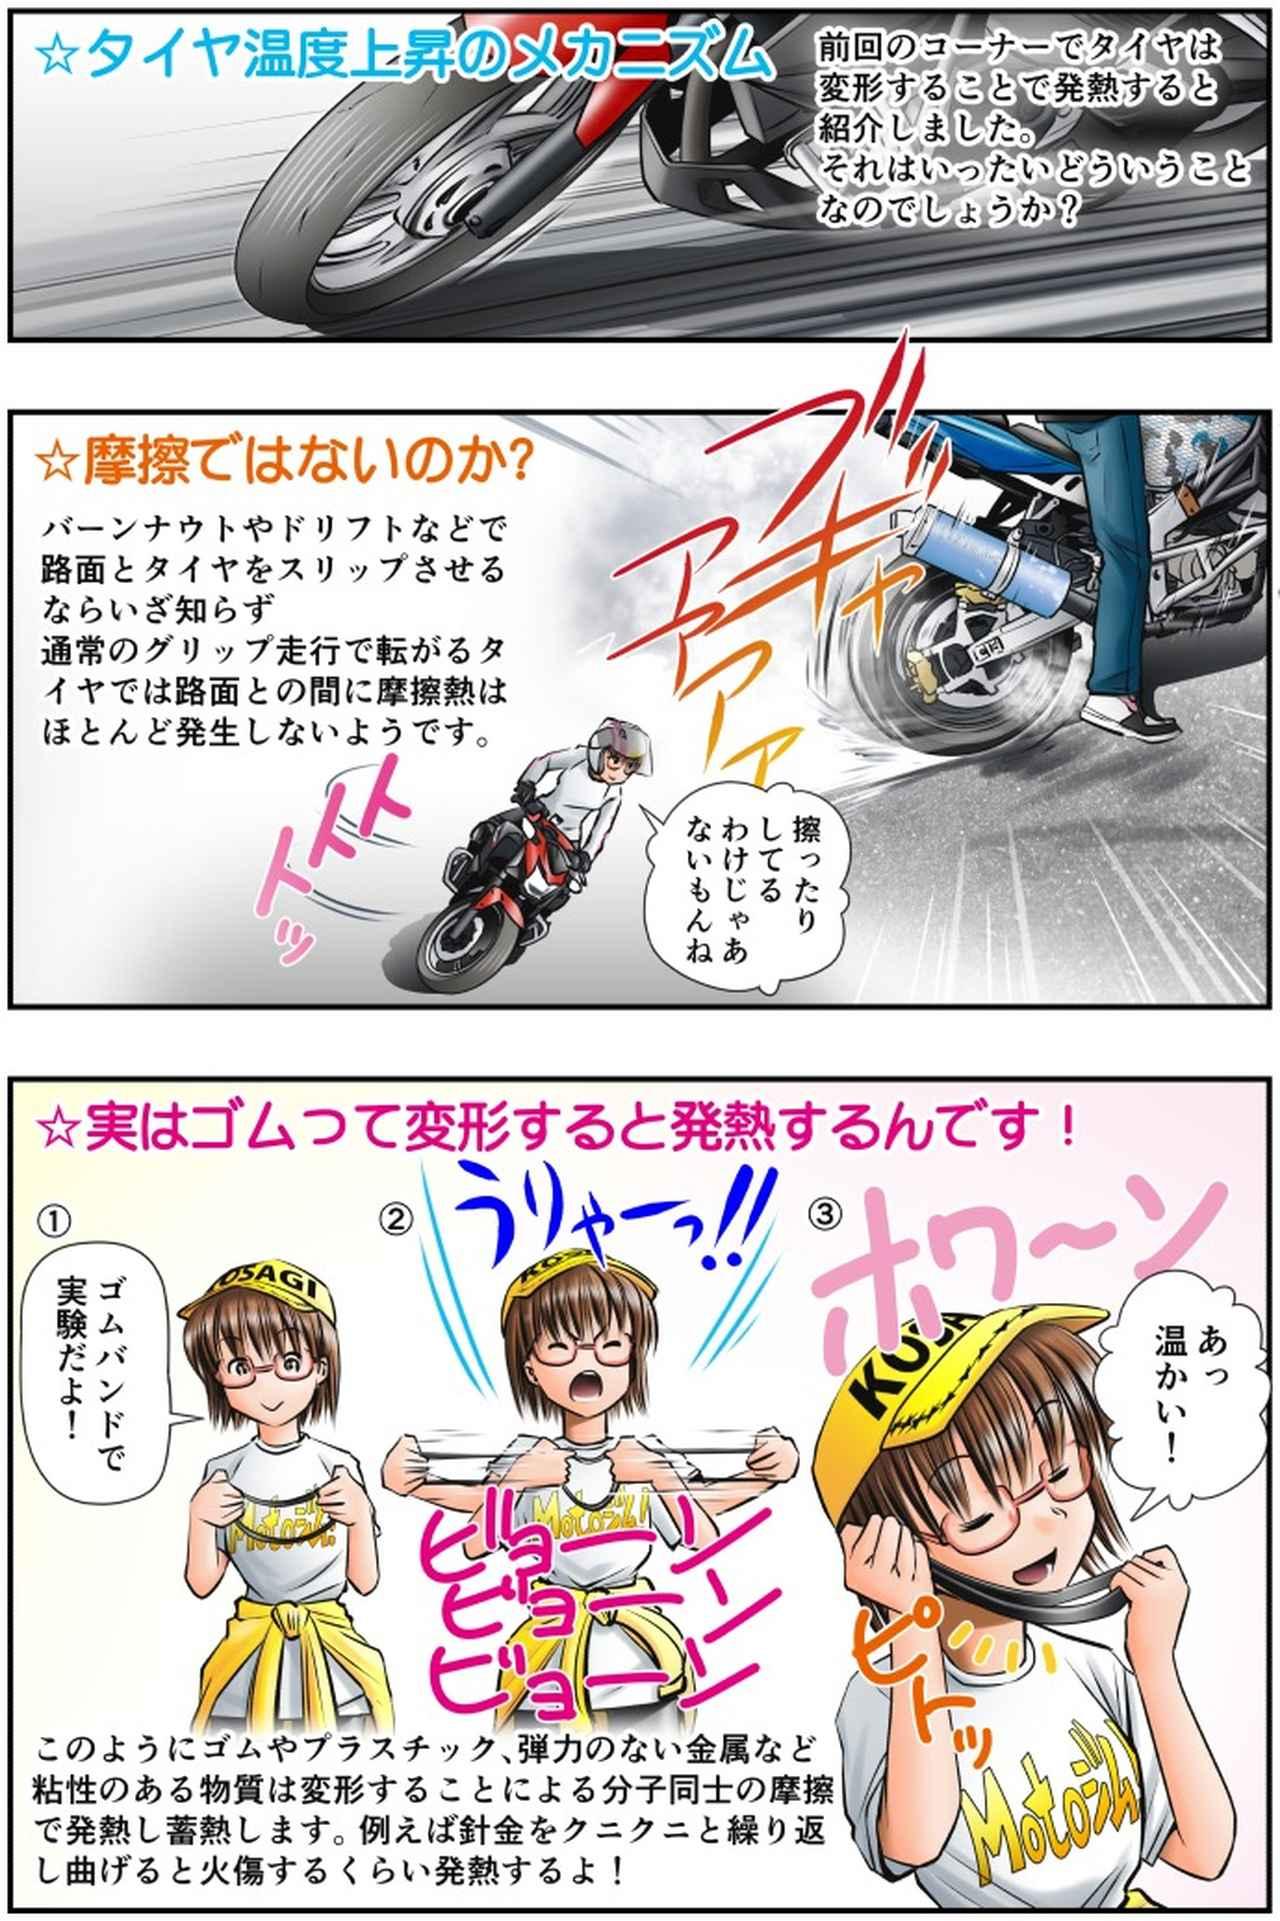 画像3: Motoジム! おまけのコーナー (タイヤを温めるメカニズムについて!)  作・ばどみゅーみん